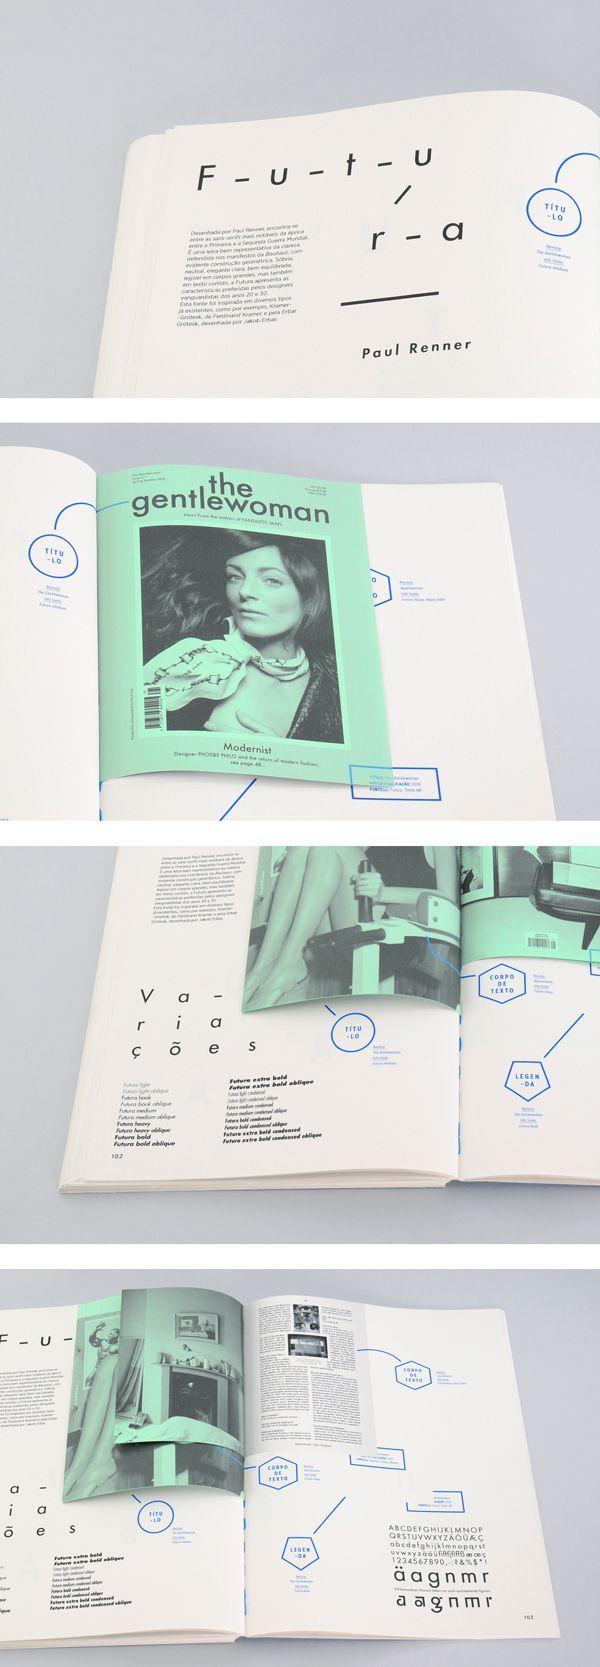 简约版式设计   简约版式设计  西瓜采集到Poster Magazine Book  采集于2016-09-21 21:48:52  http://hbimg.b0.upaiyun.com/a61d45e7b2984294640cc8e7fdce3b3804a2eaf1170ae-uHkIkh